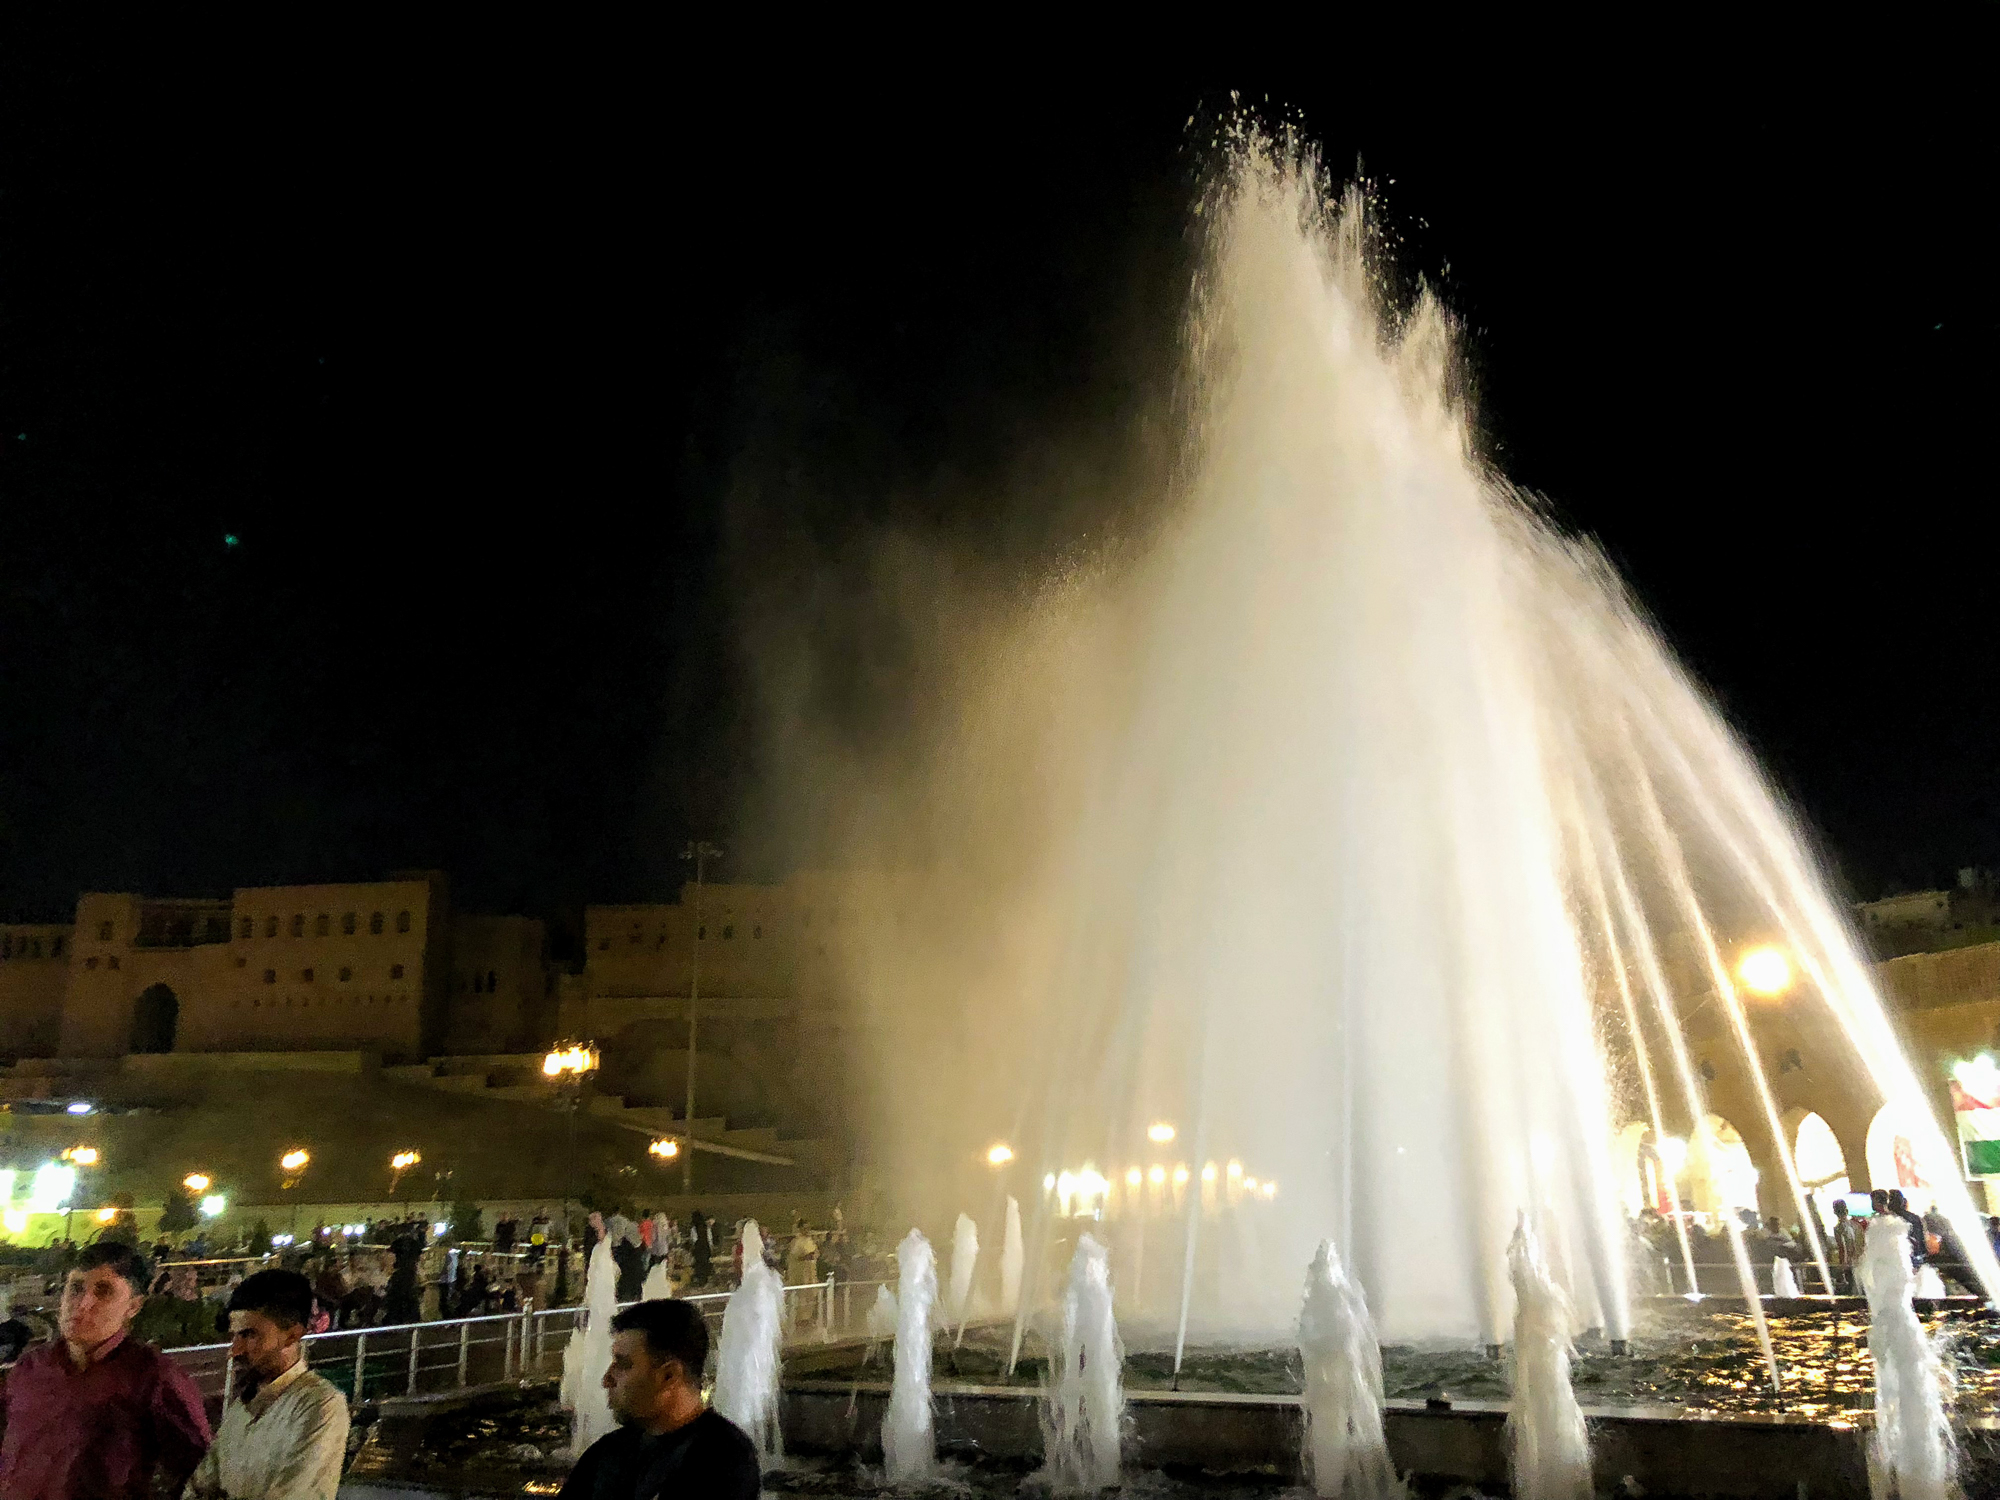 Fountains in Erbil central square